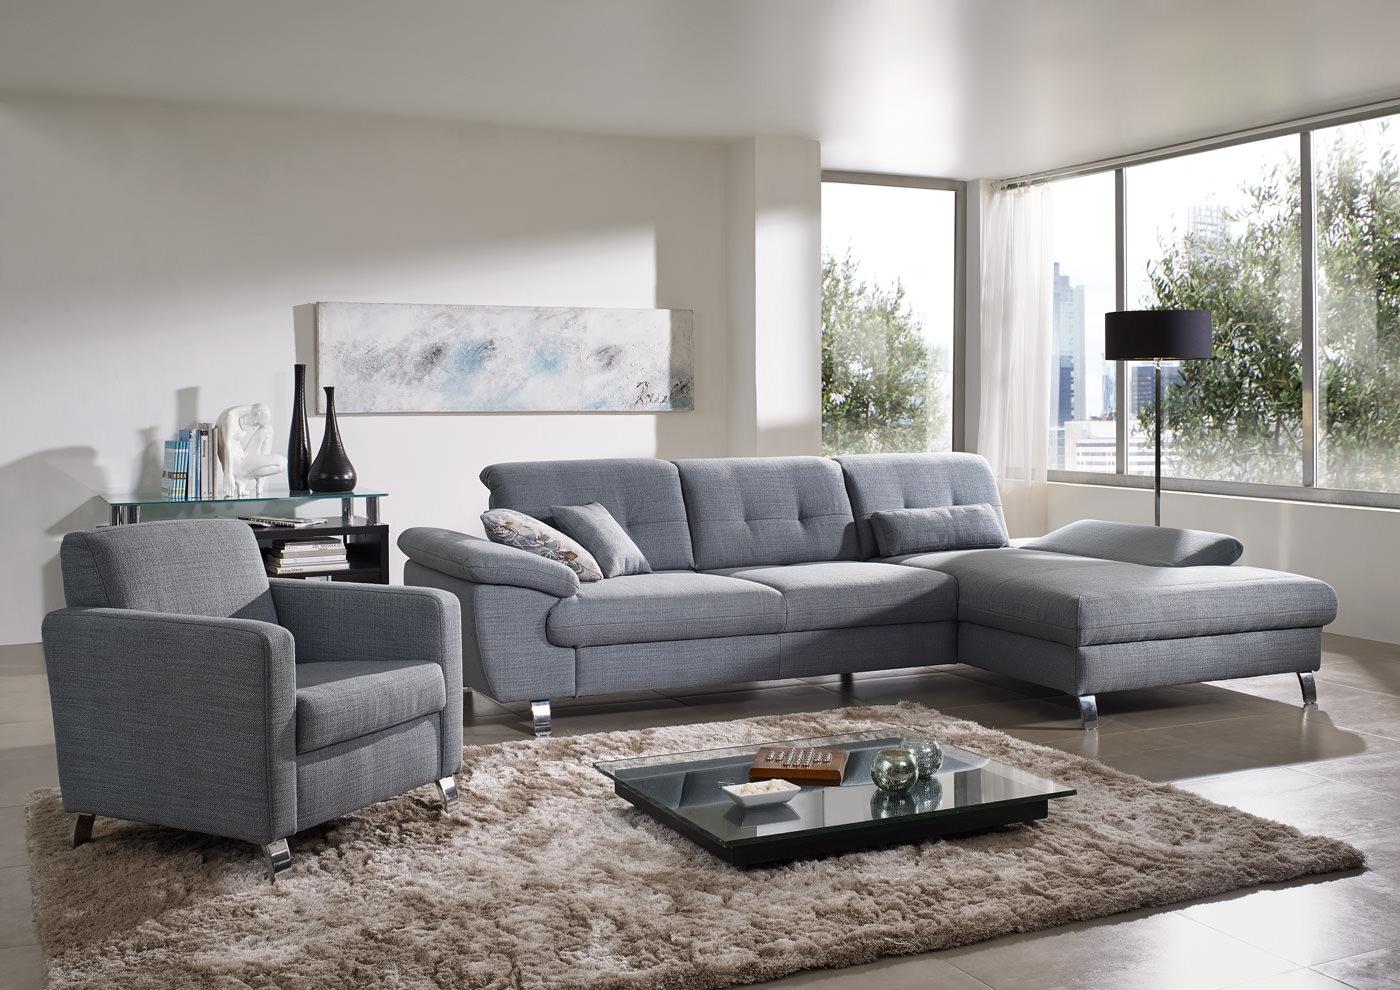 Wohnmöbel: Für jeden Stil die passende Einrichtung